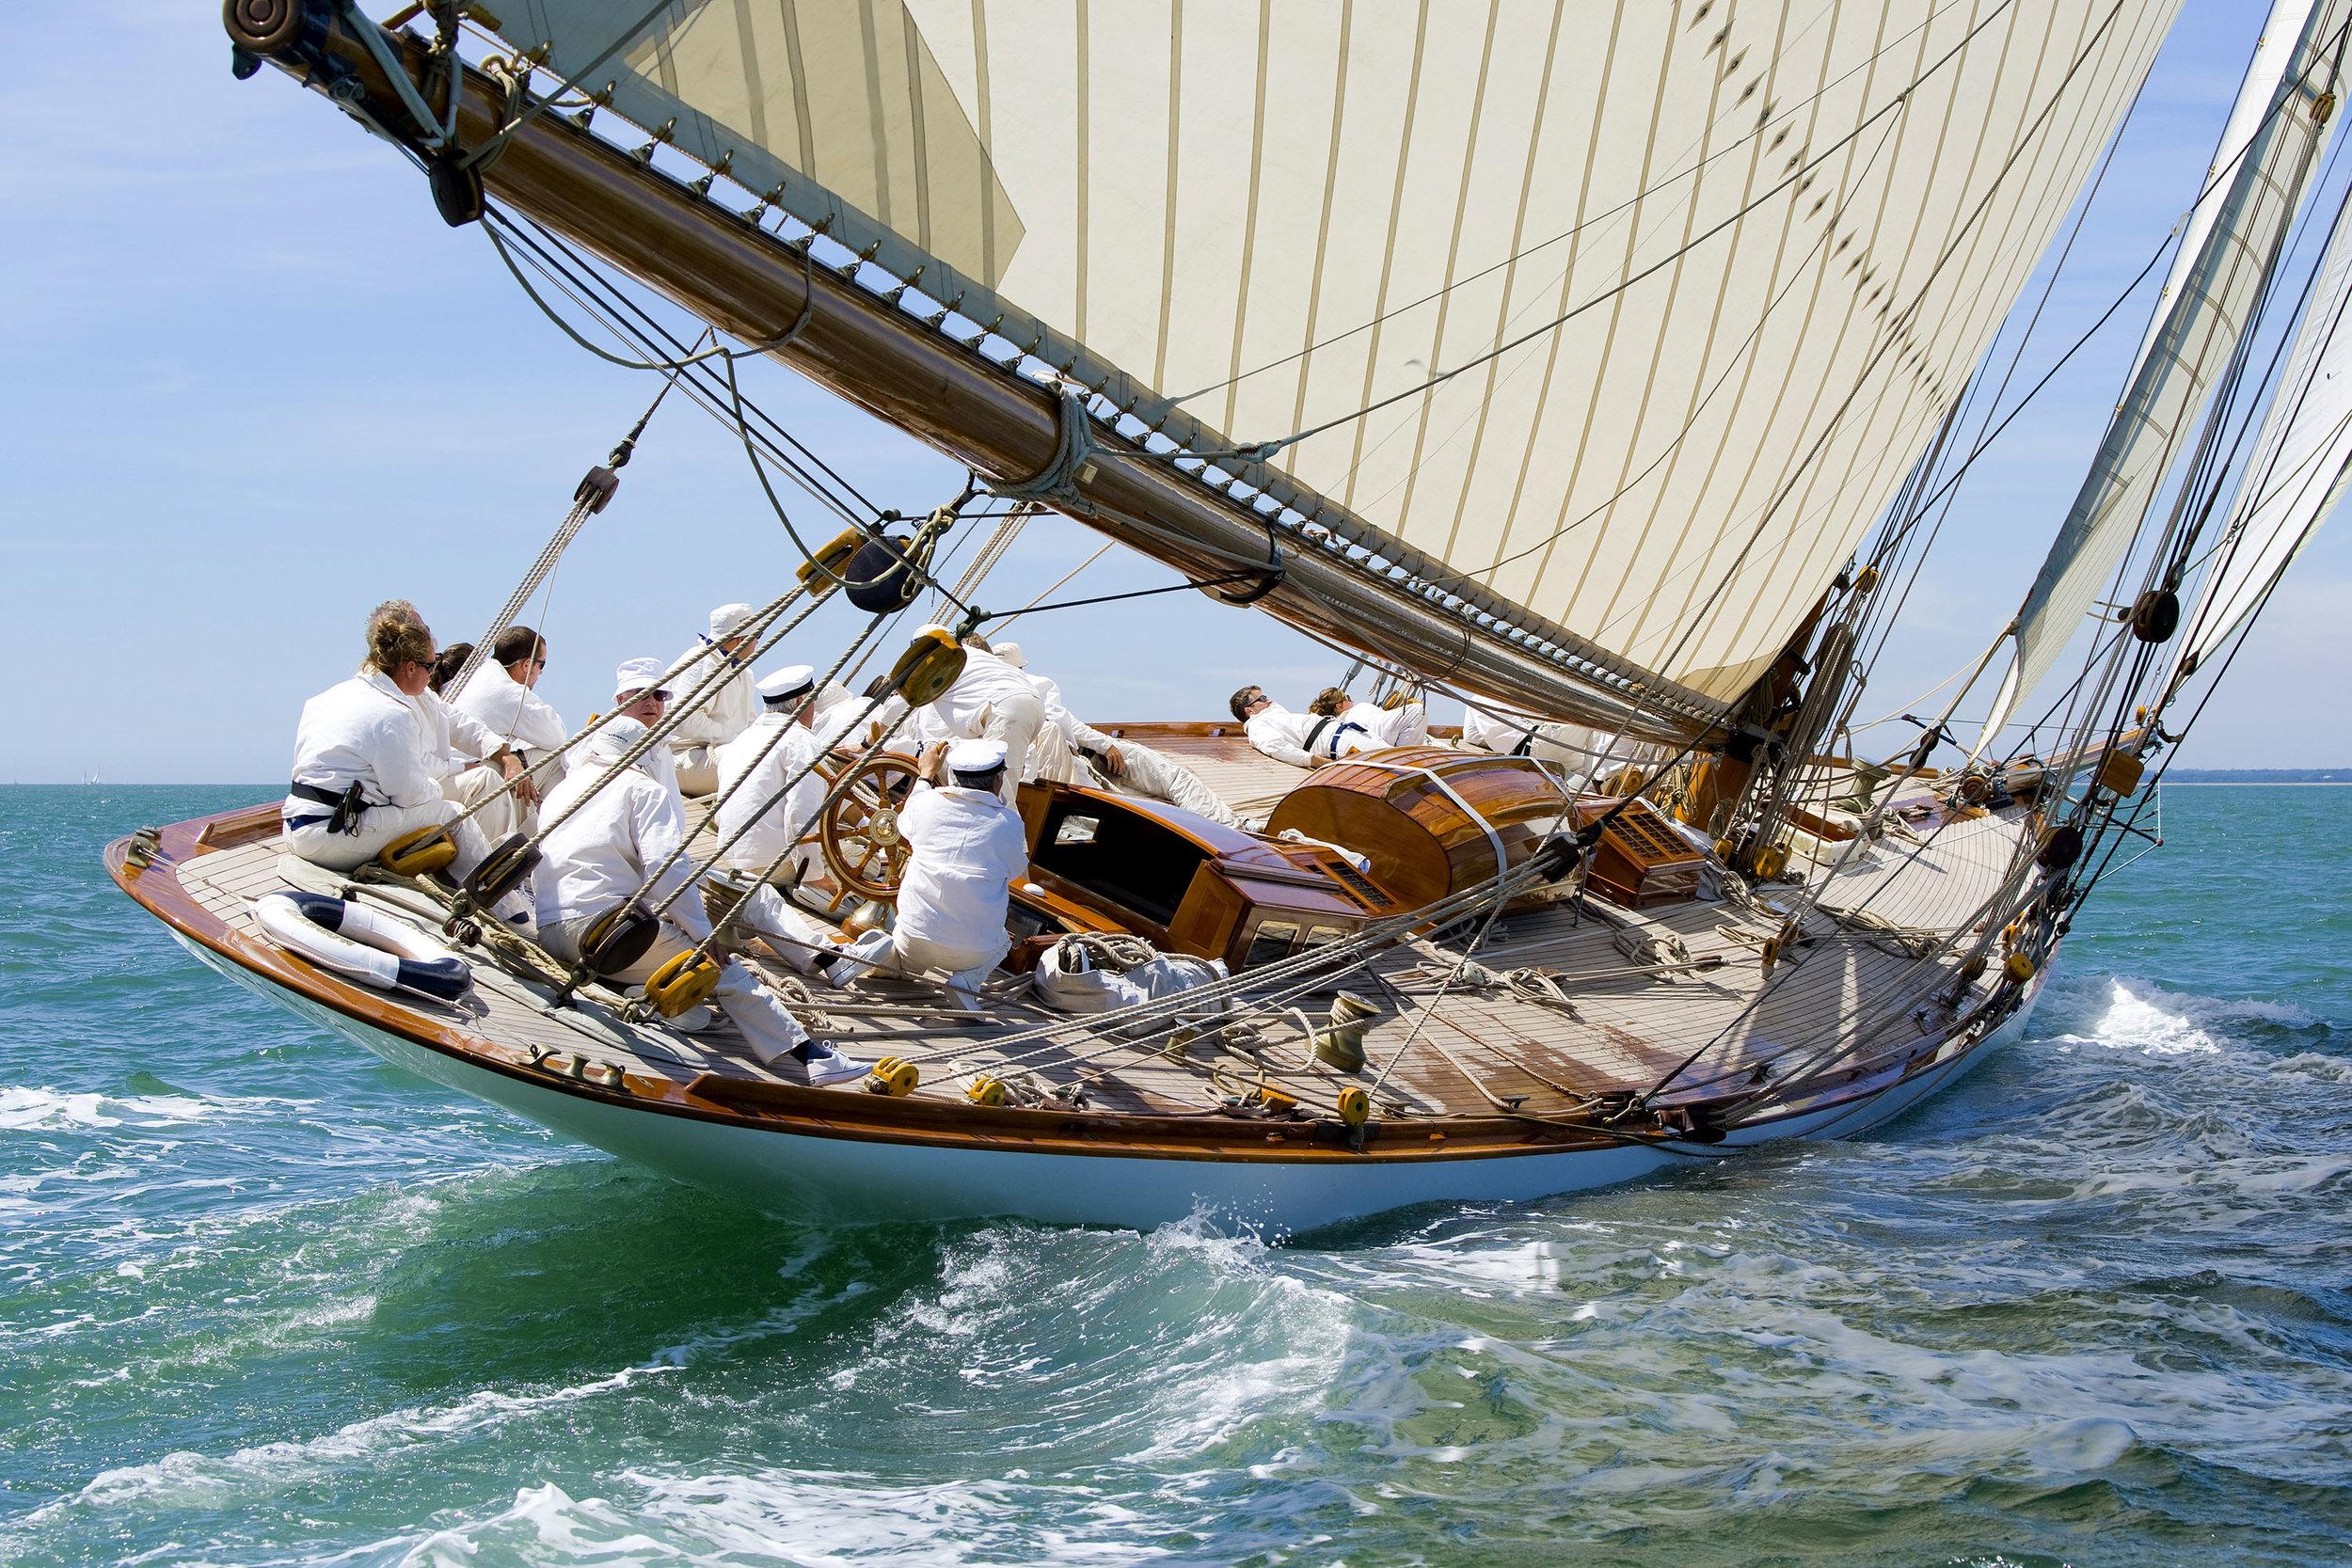 Mariquita sails in a Panerai regatta